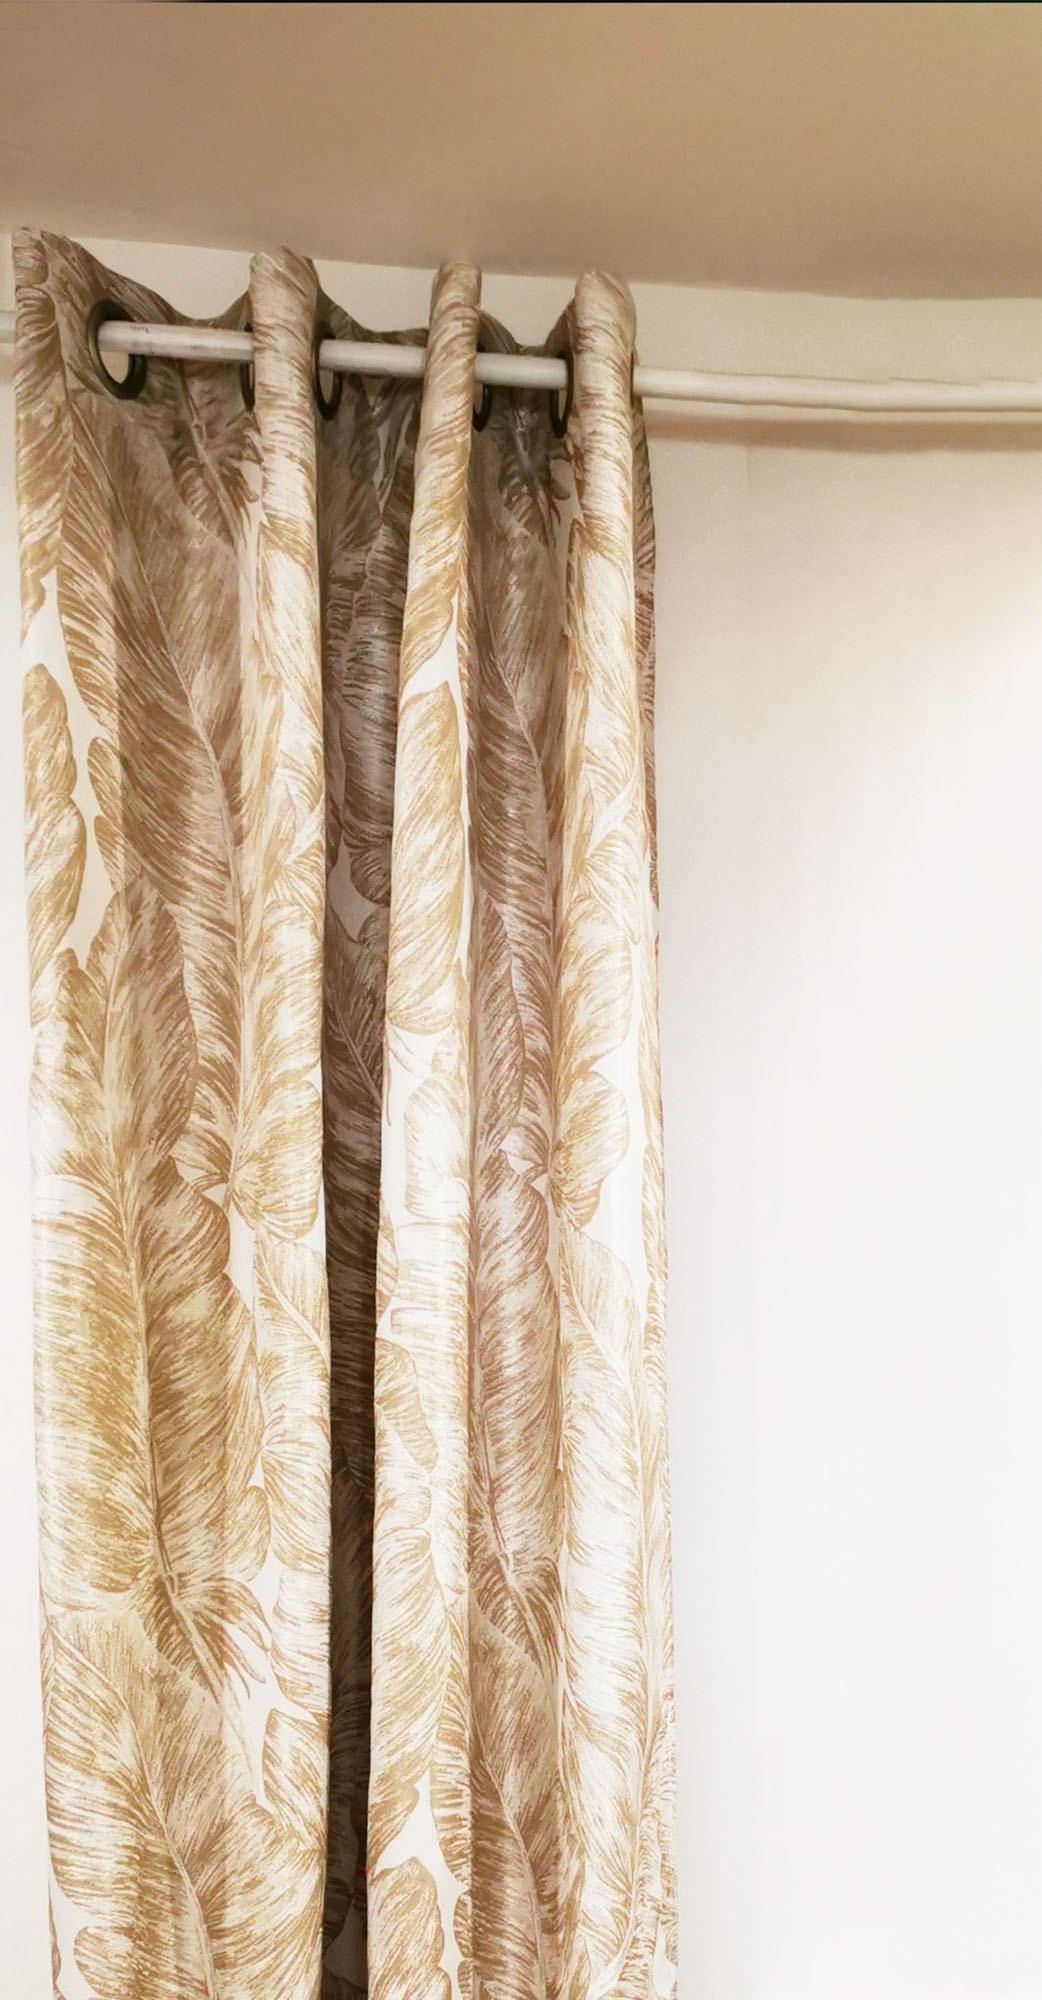 rideaux-nature-pret-a-poser-antilo-decoration-d-interieur